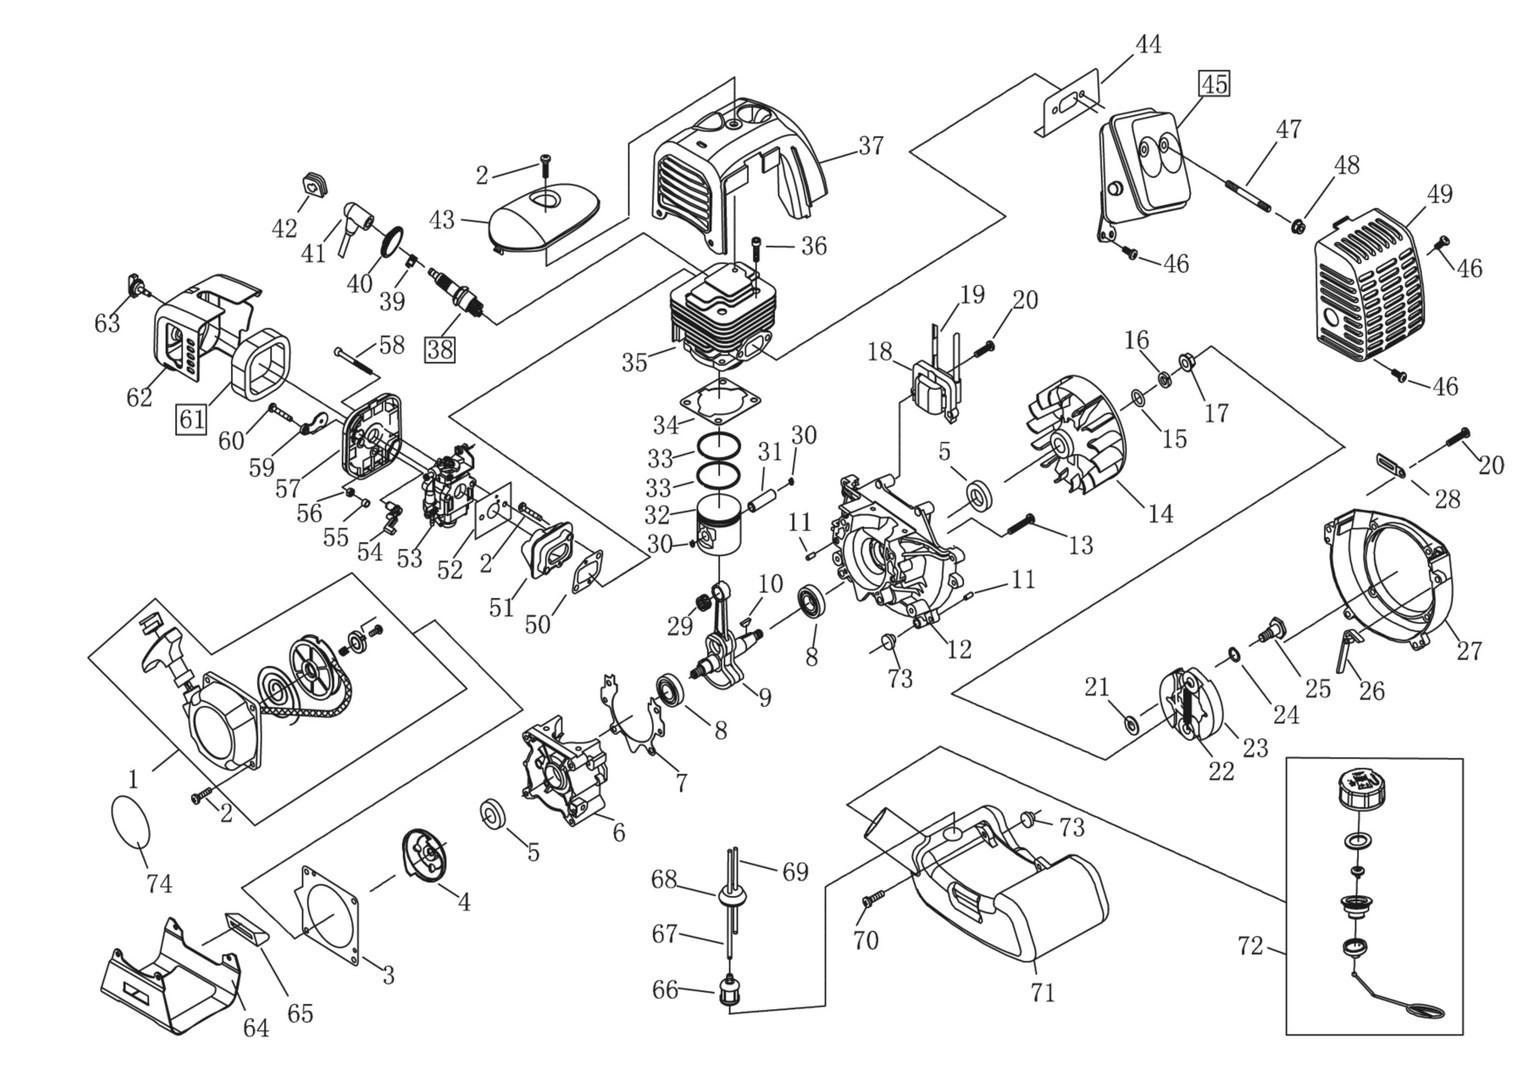 ersatzteile und zeichnung von al ko f r motorsensen frs 410. Black Bedroom Furniture Sets. Home Design Ideas